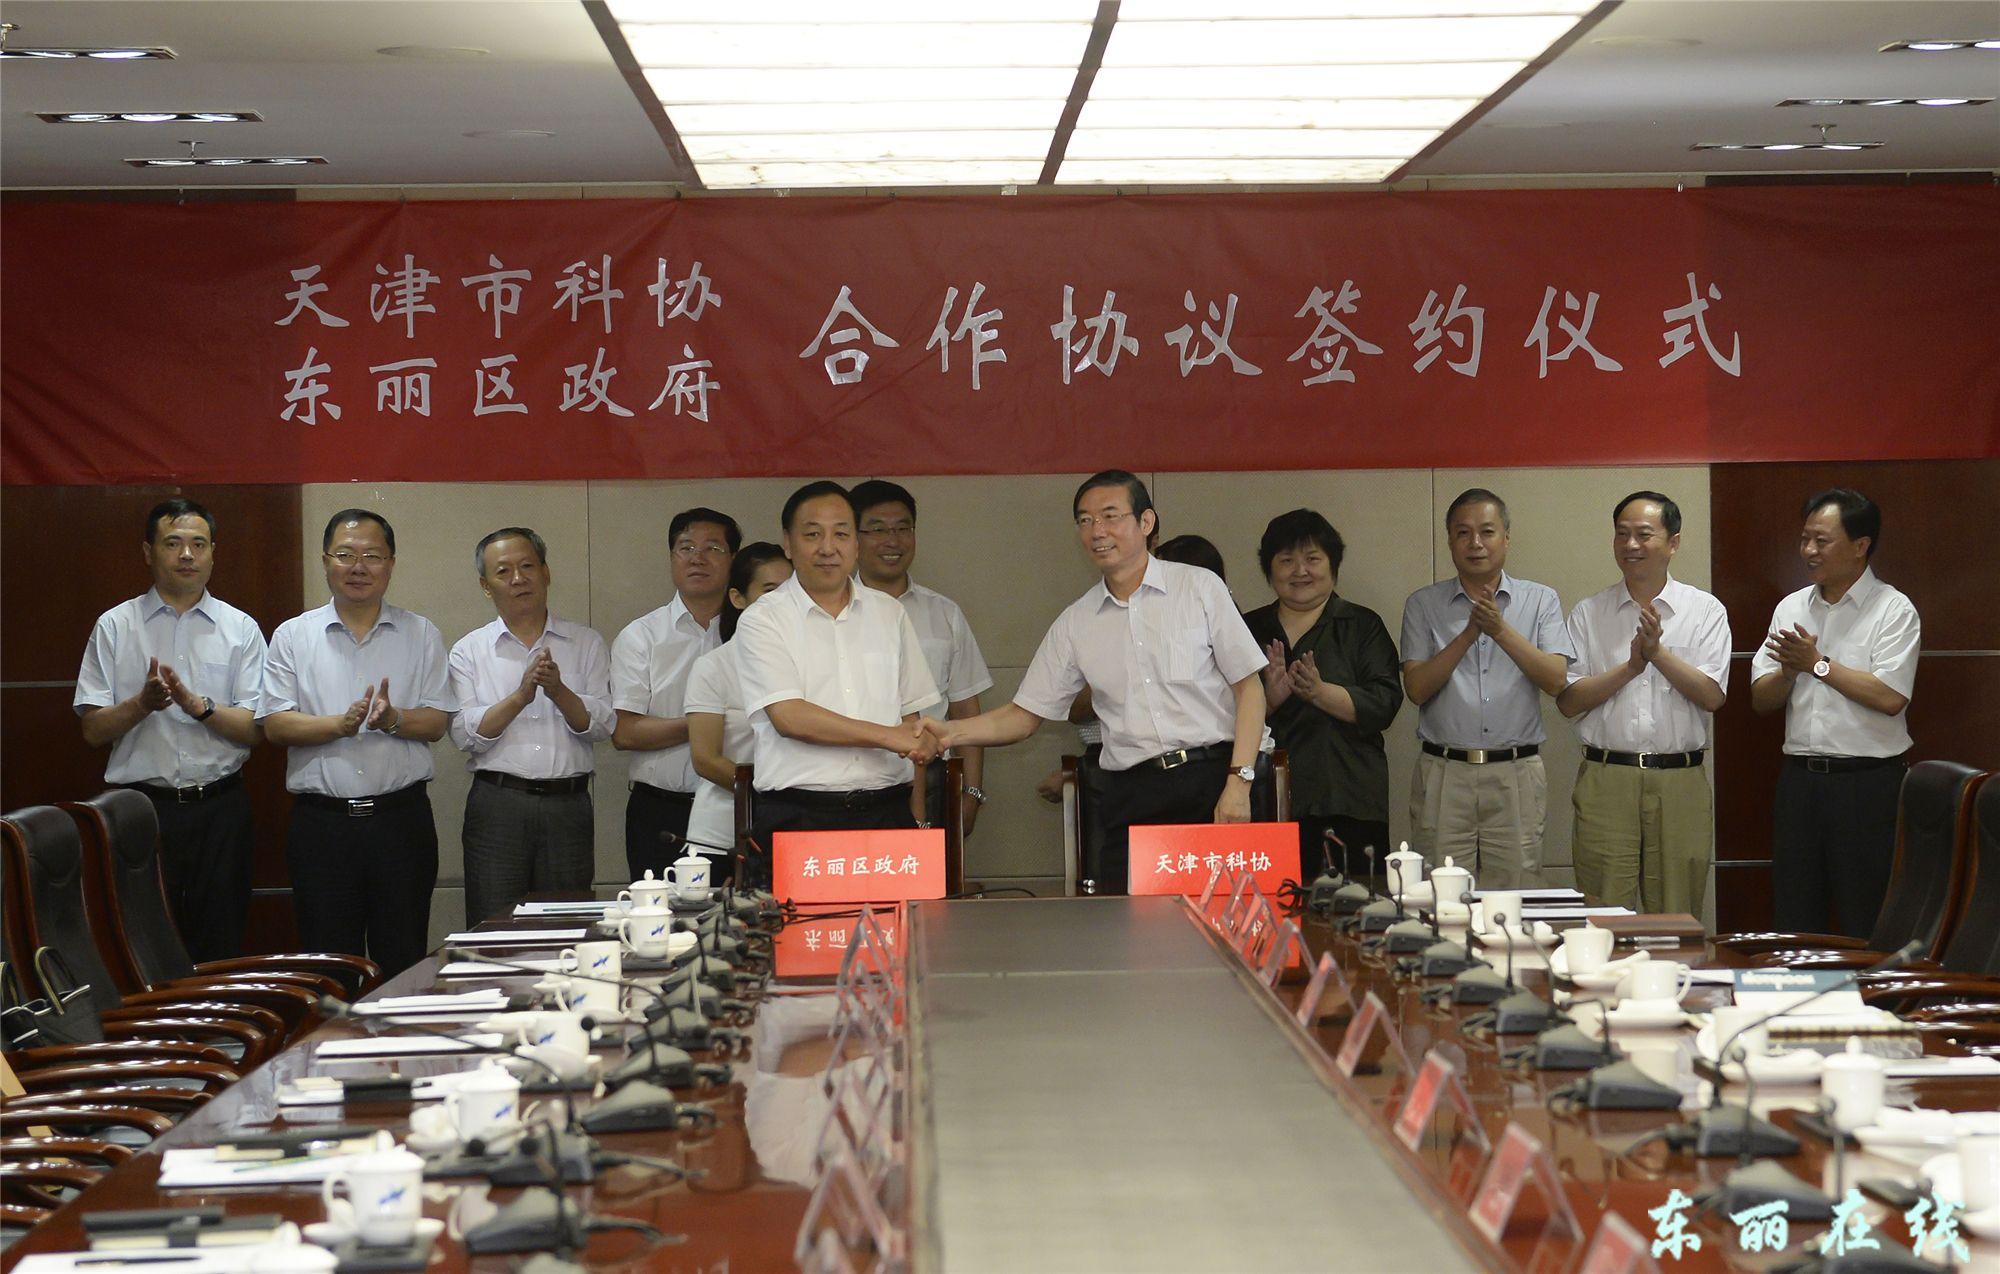 市科协与我区签署合作协议